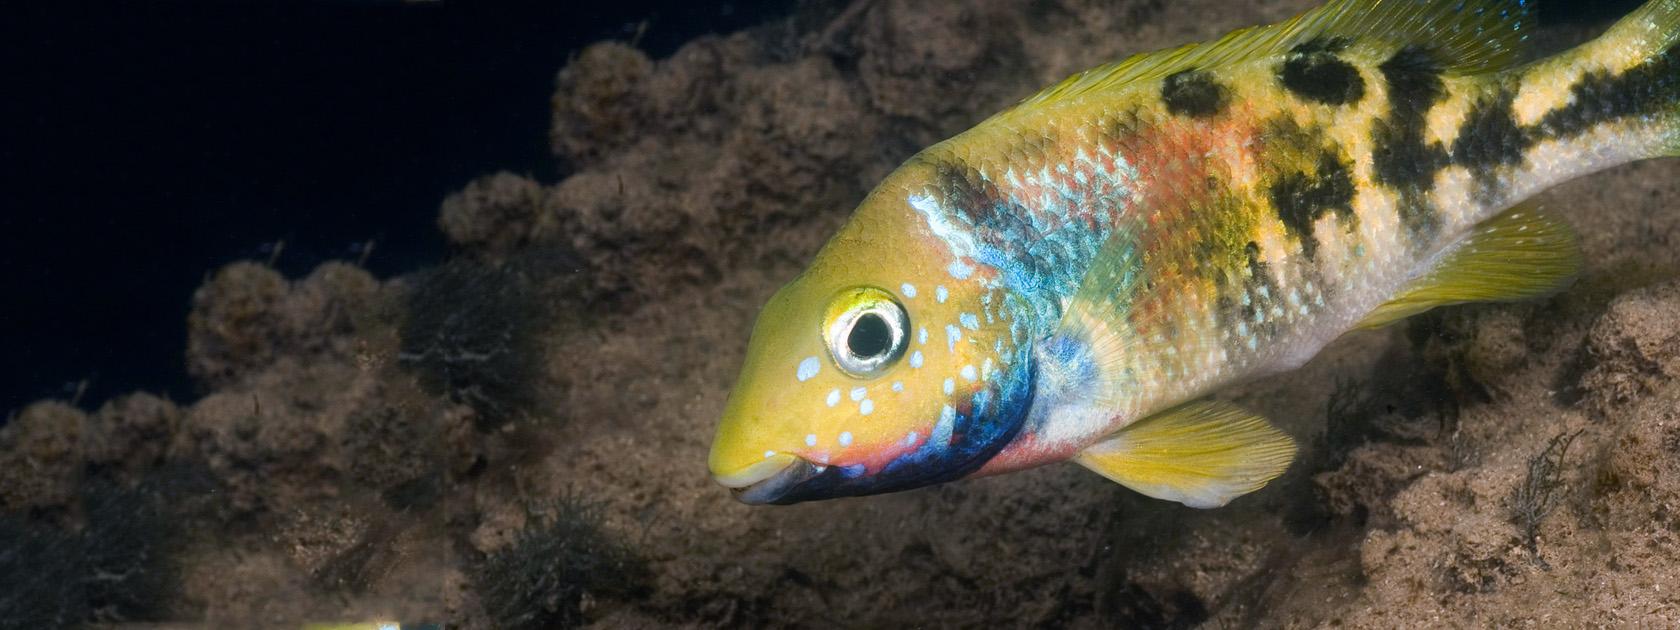 Cichlid conservation efforts